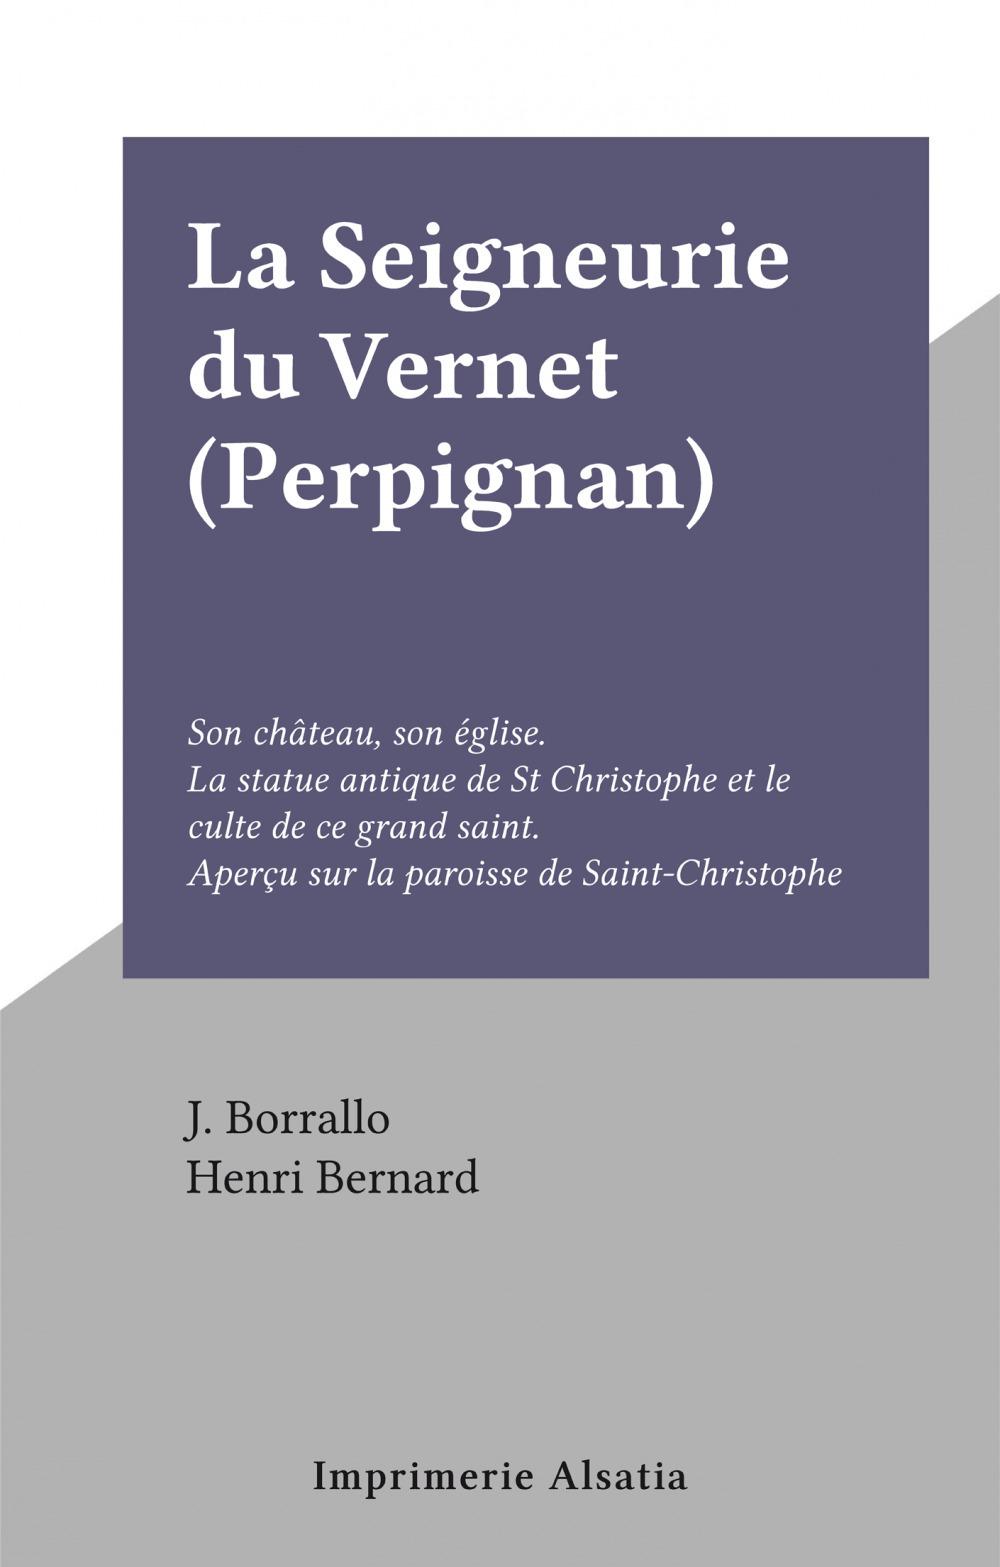 La Seigneurie du Vernet (Perpignan)